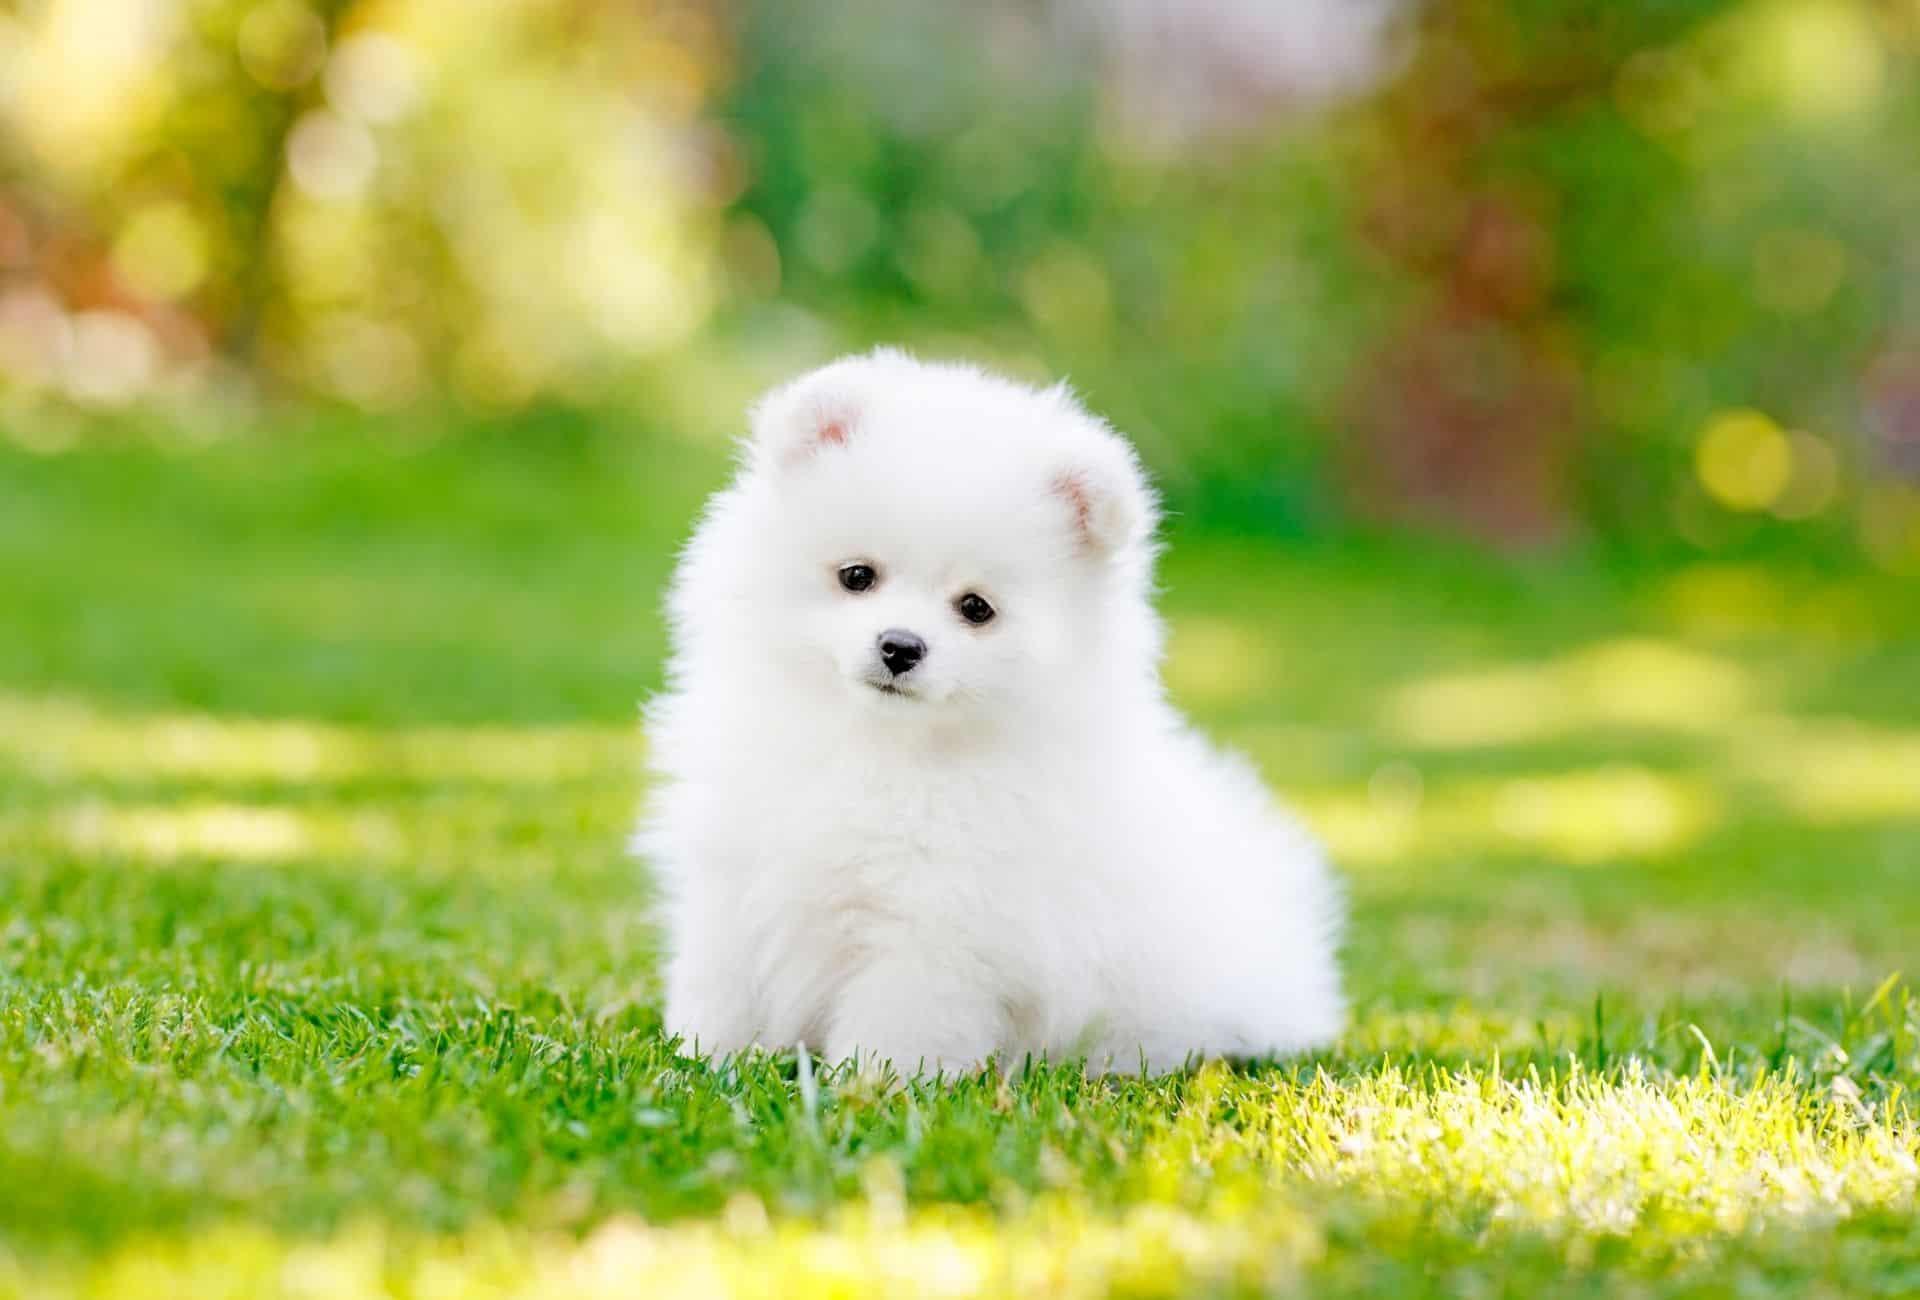 Pomeranian looking like a very small Polar bear.